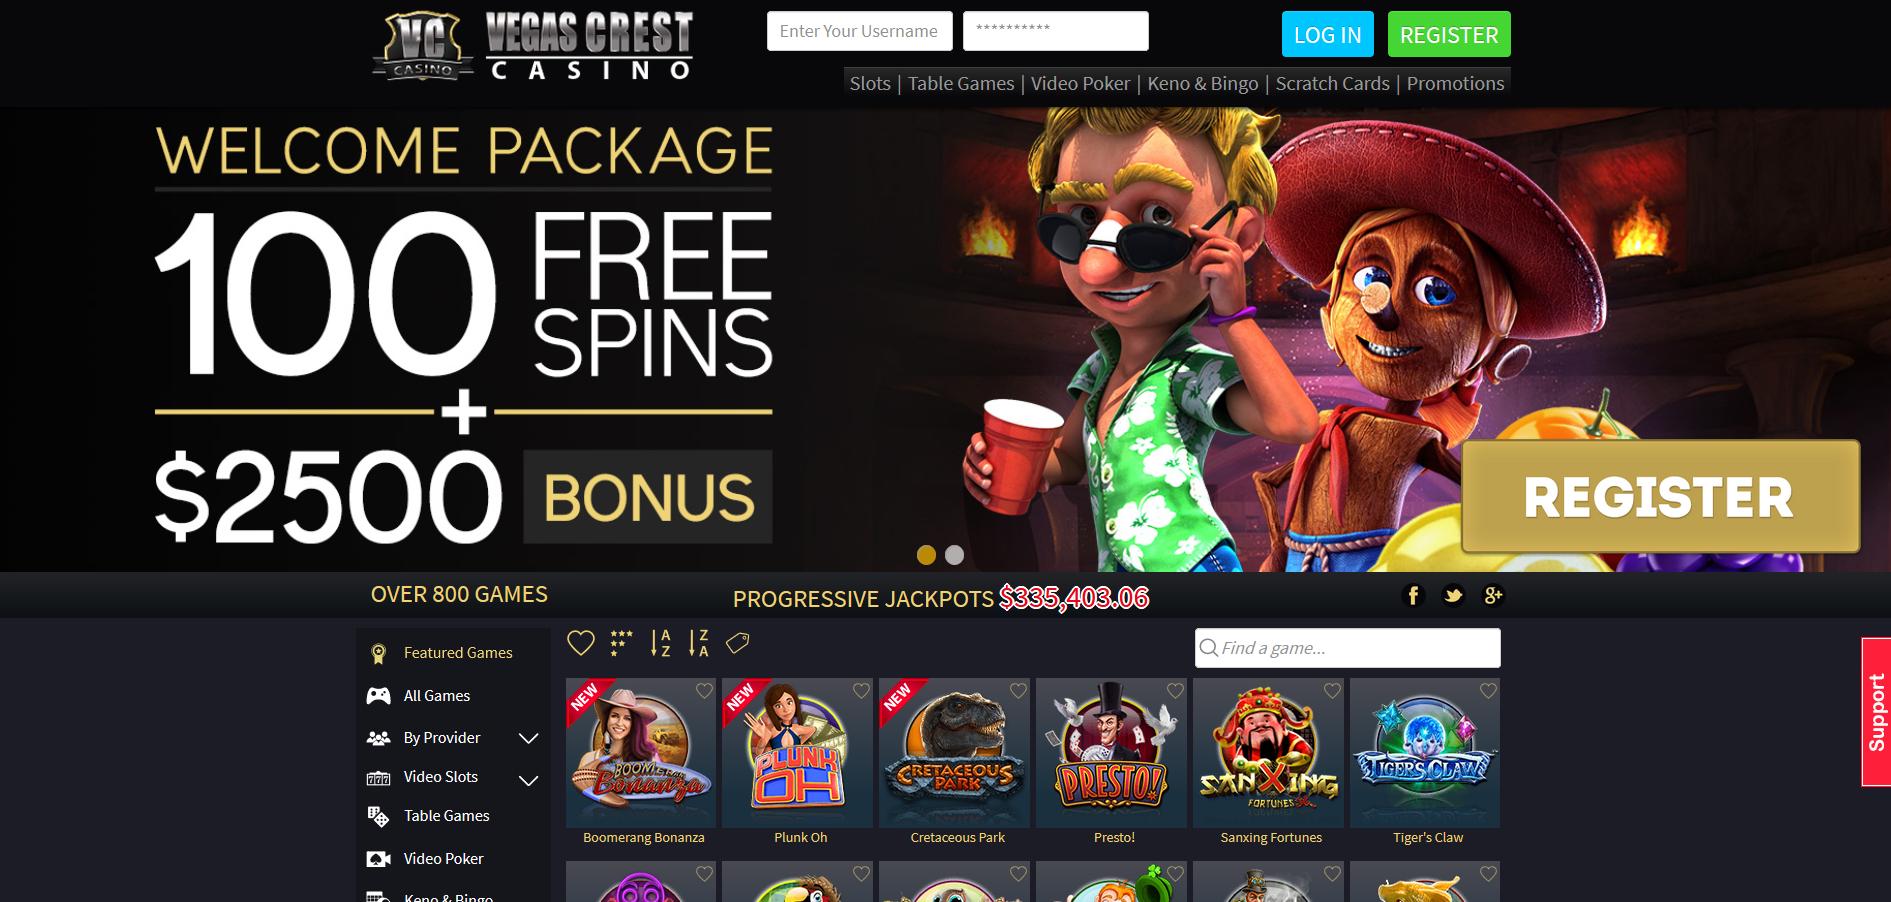 Vegas Crest Screenshot